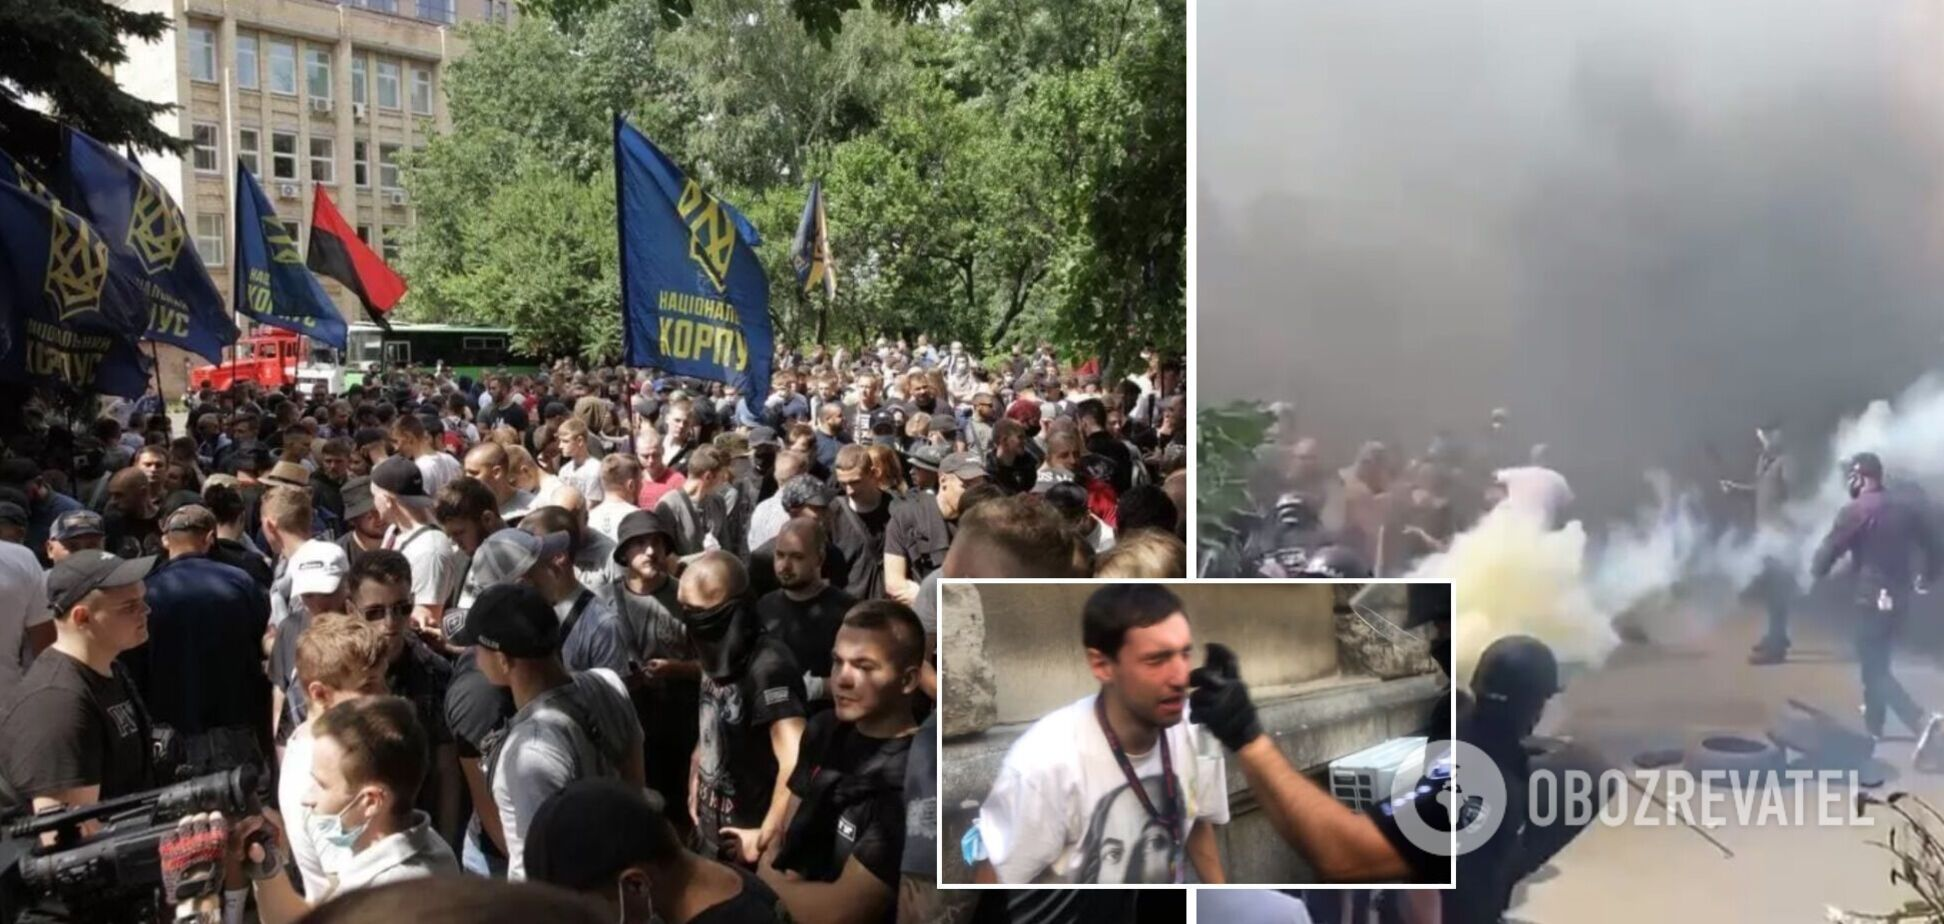 Під час протесту 'Нацкорпусу' постраждав оператор телеканалу: йому допомогли поліцейські. Відео